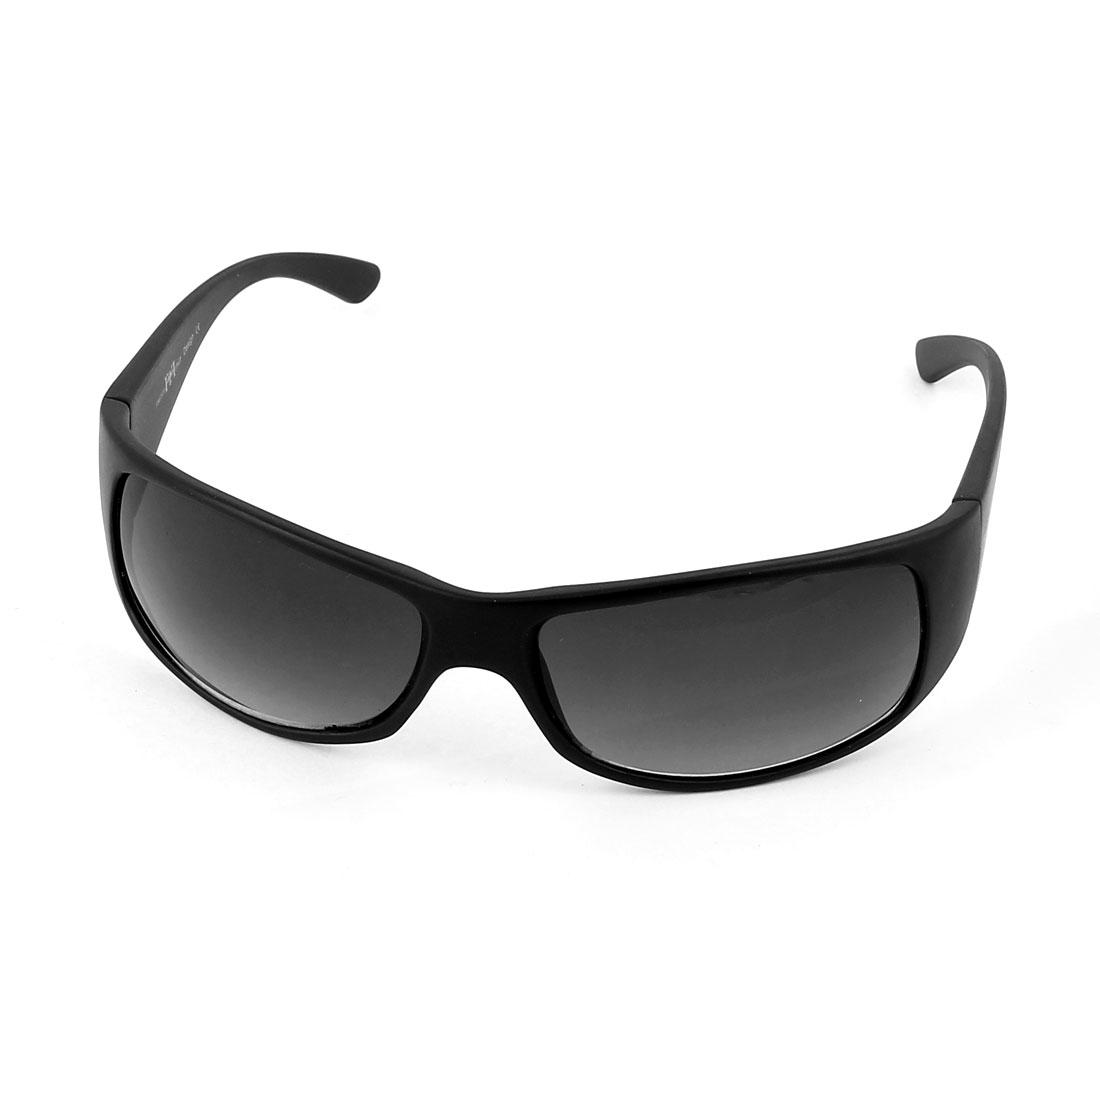 Mens Sport Outdoor Full Rim Eyeglass Sunglasses Driving Glasses Black